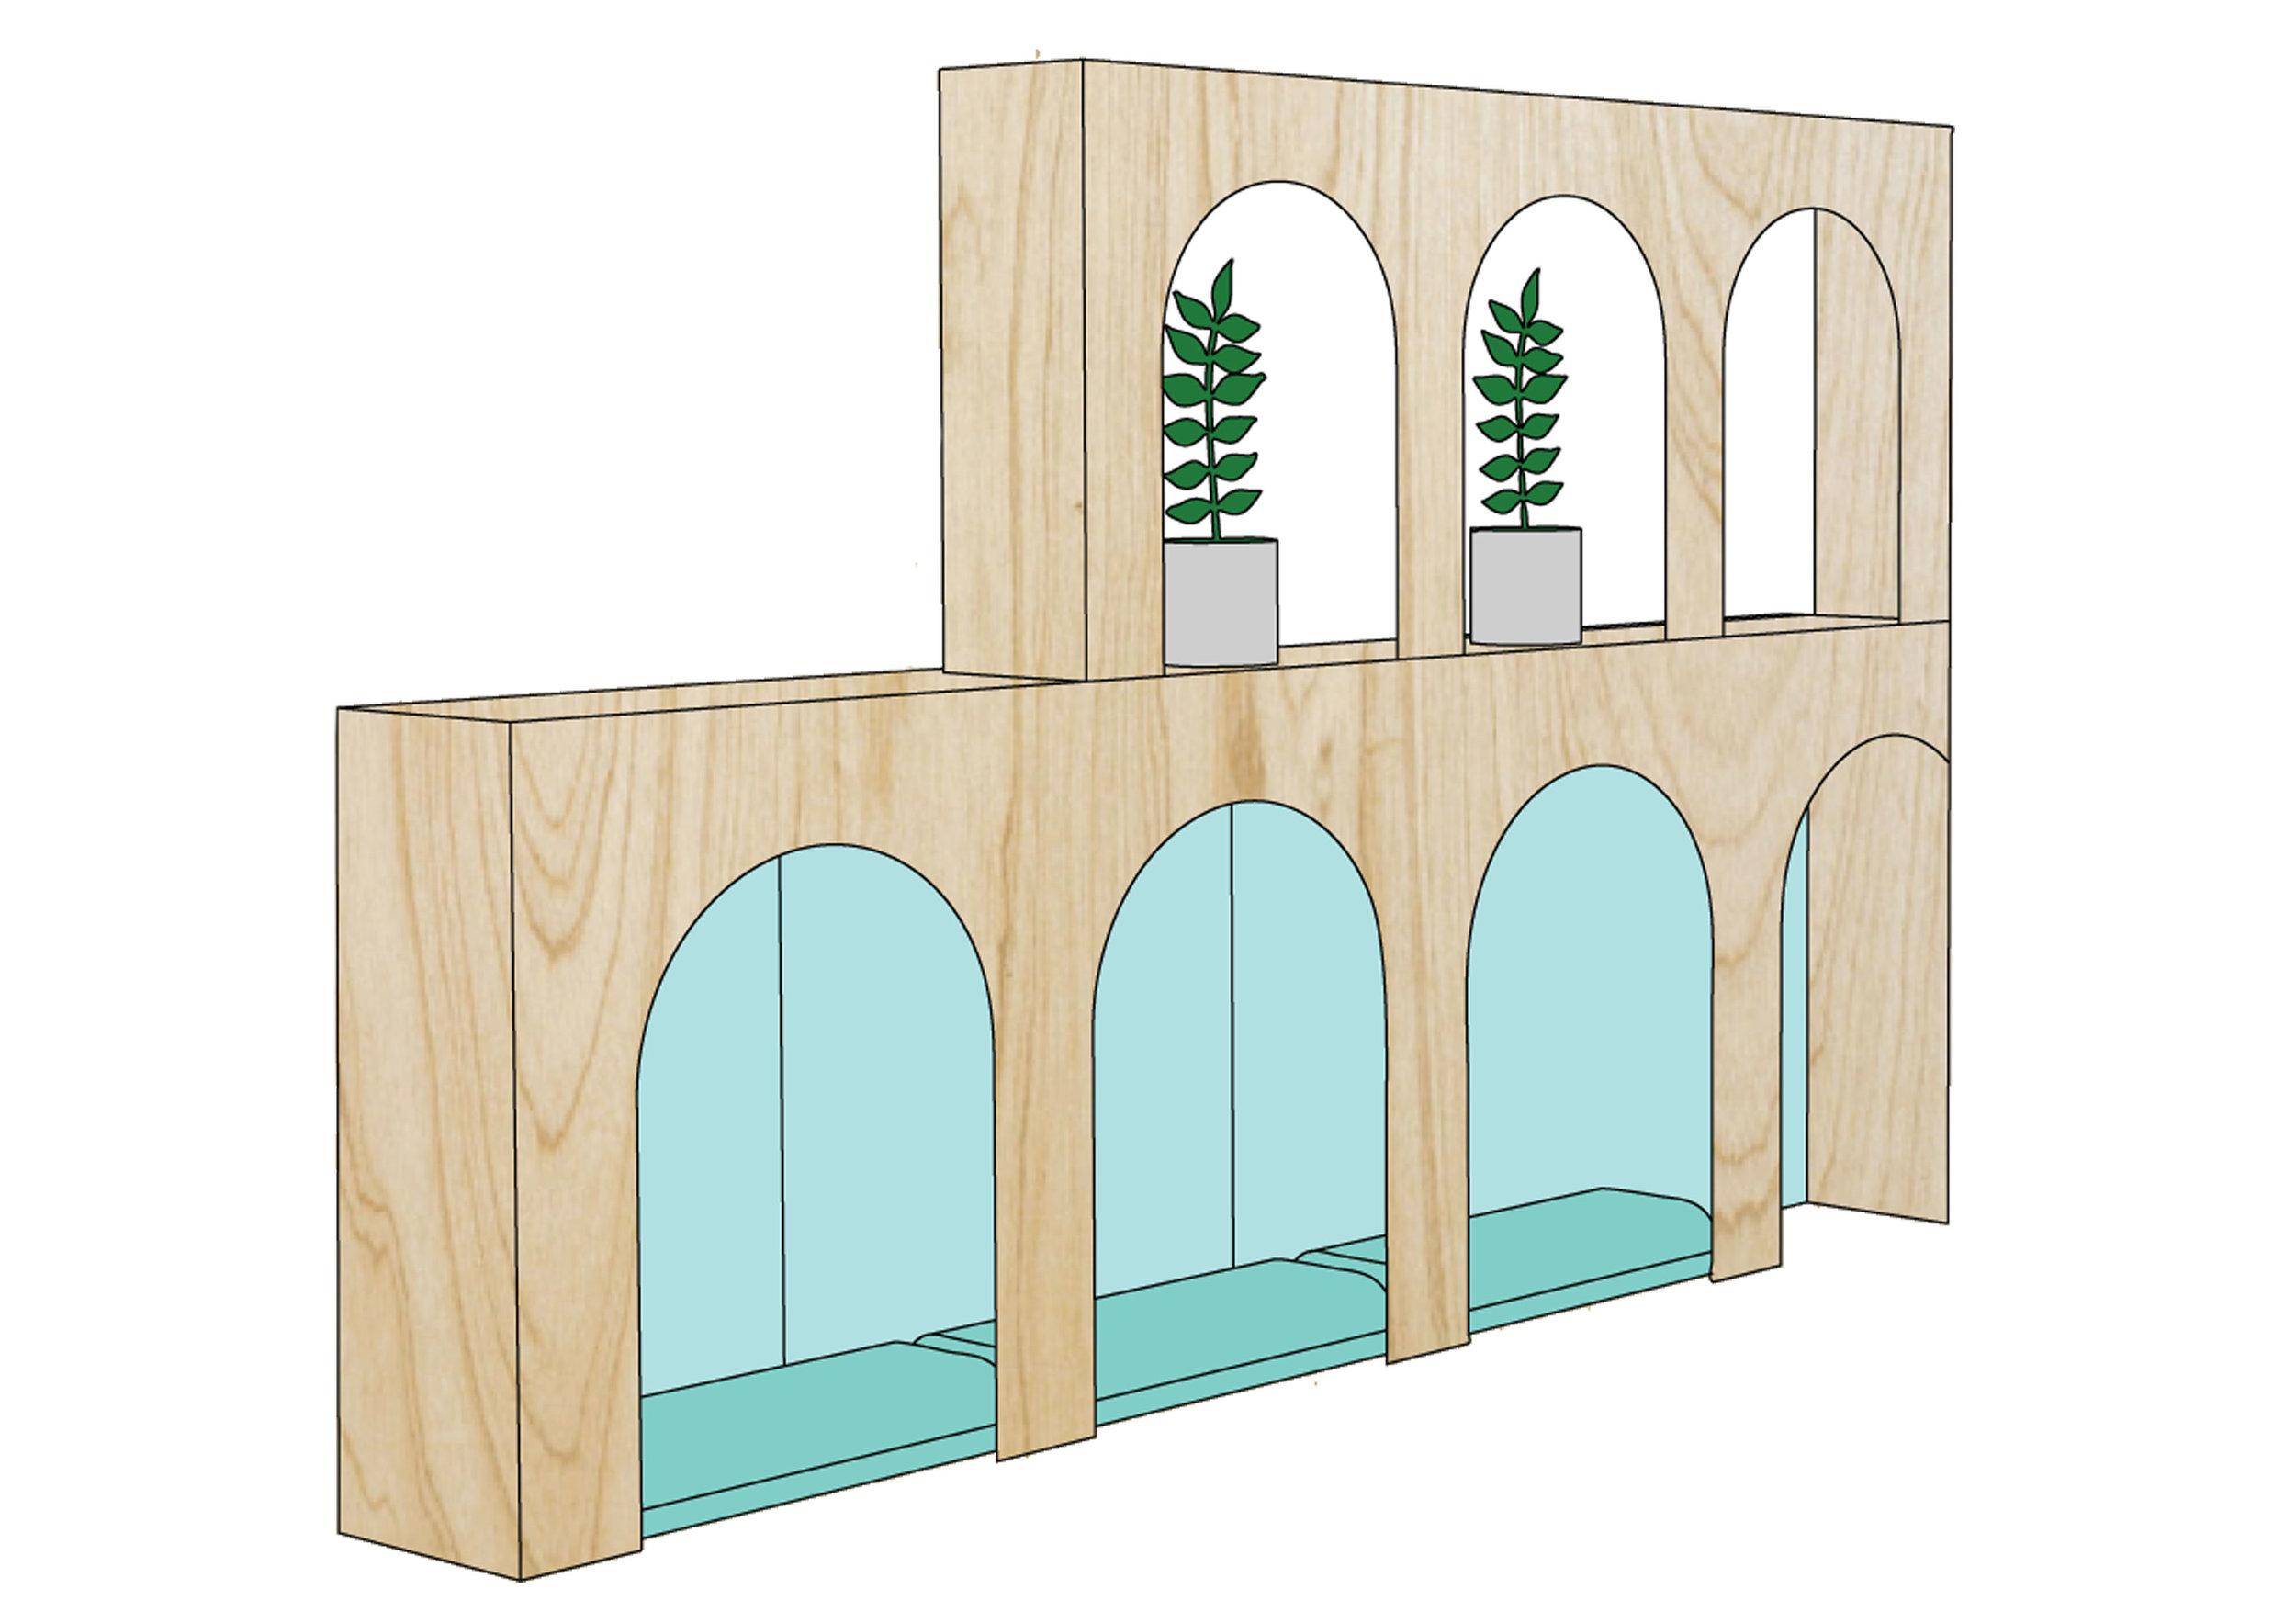 Arch Snug Furniture